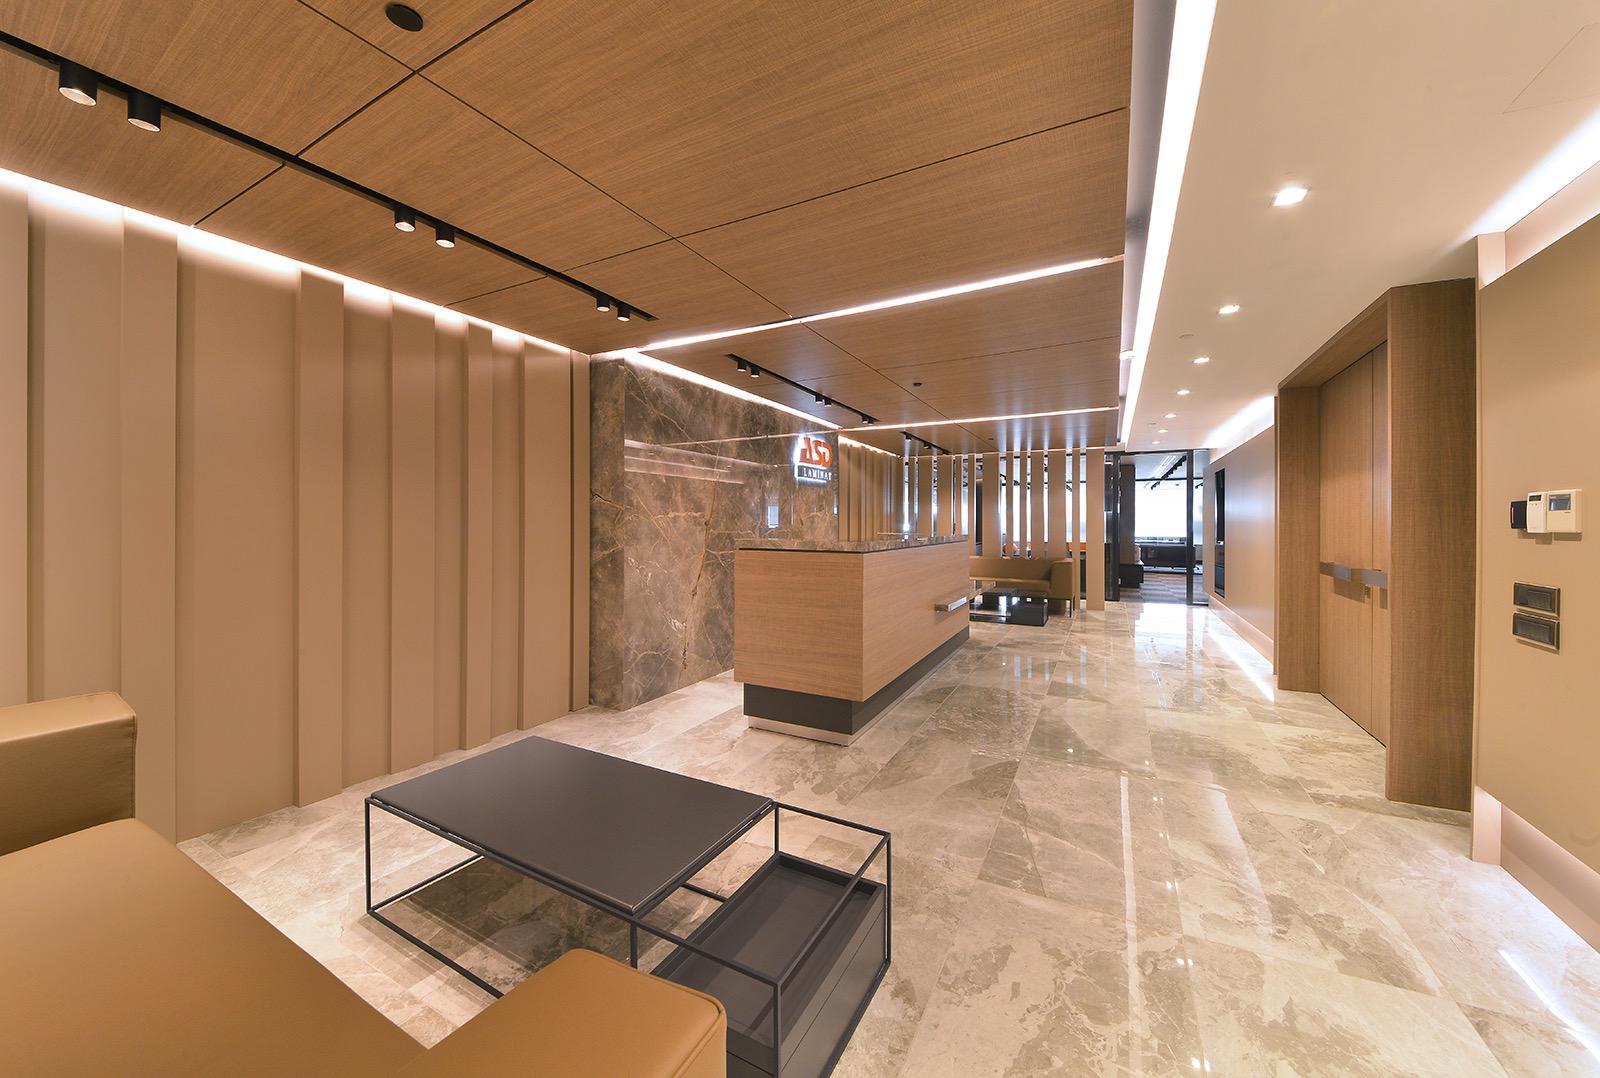 asd-office-istanbul-3